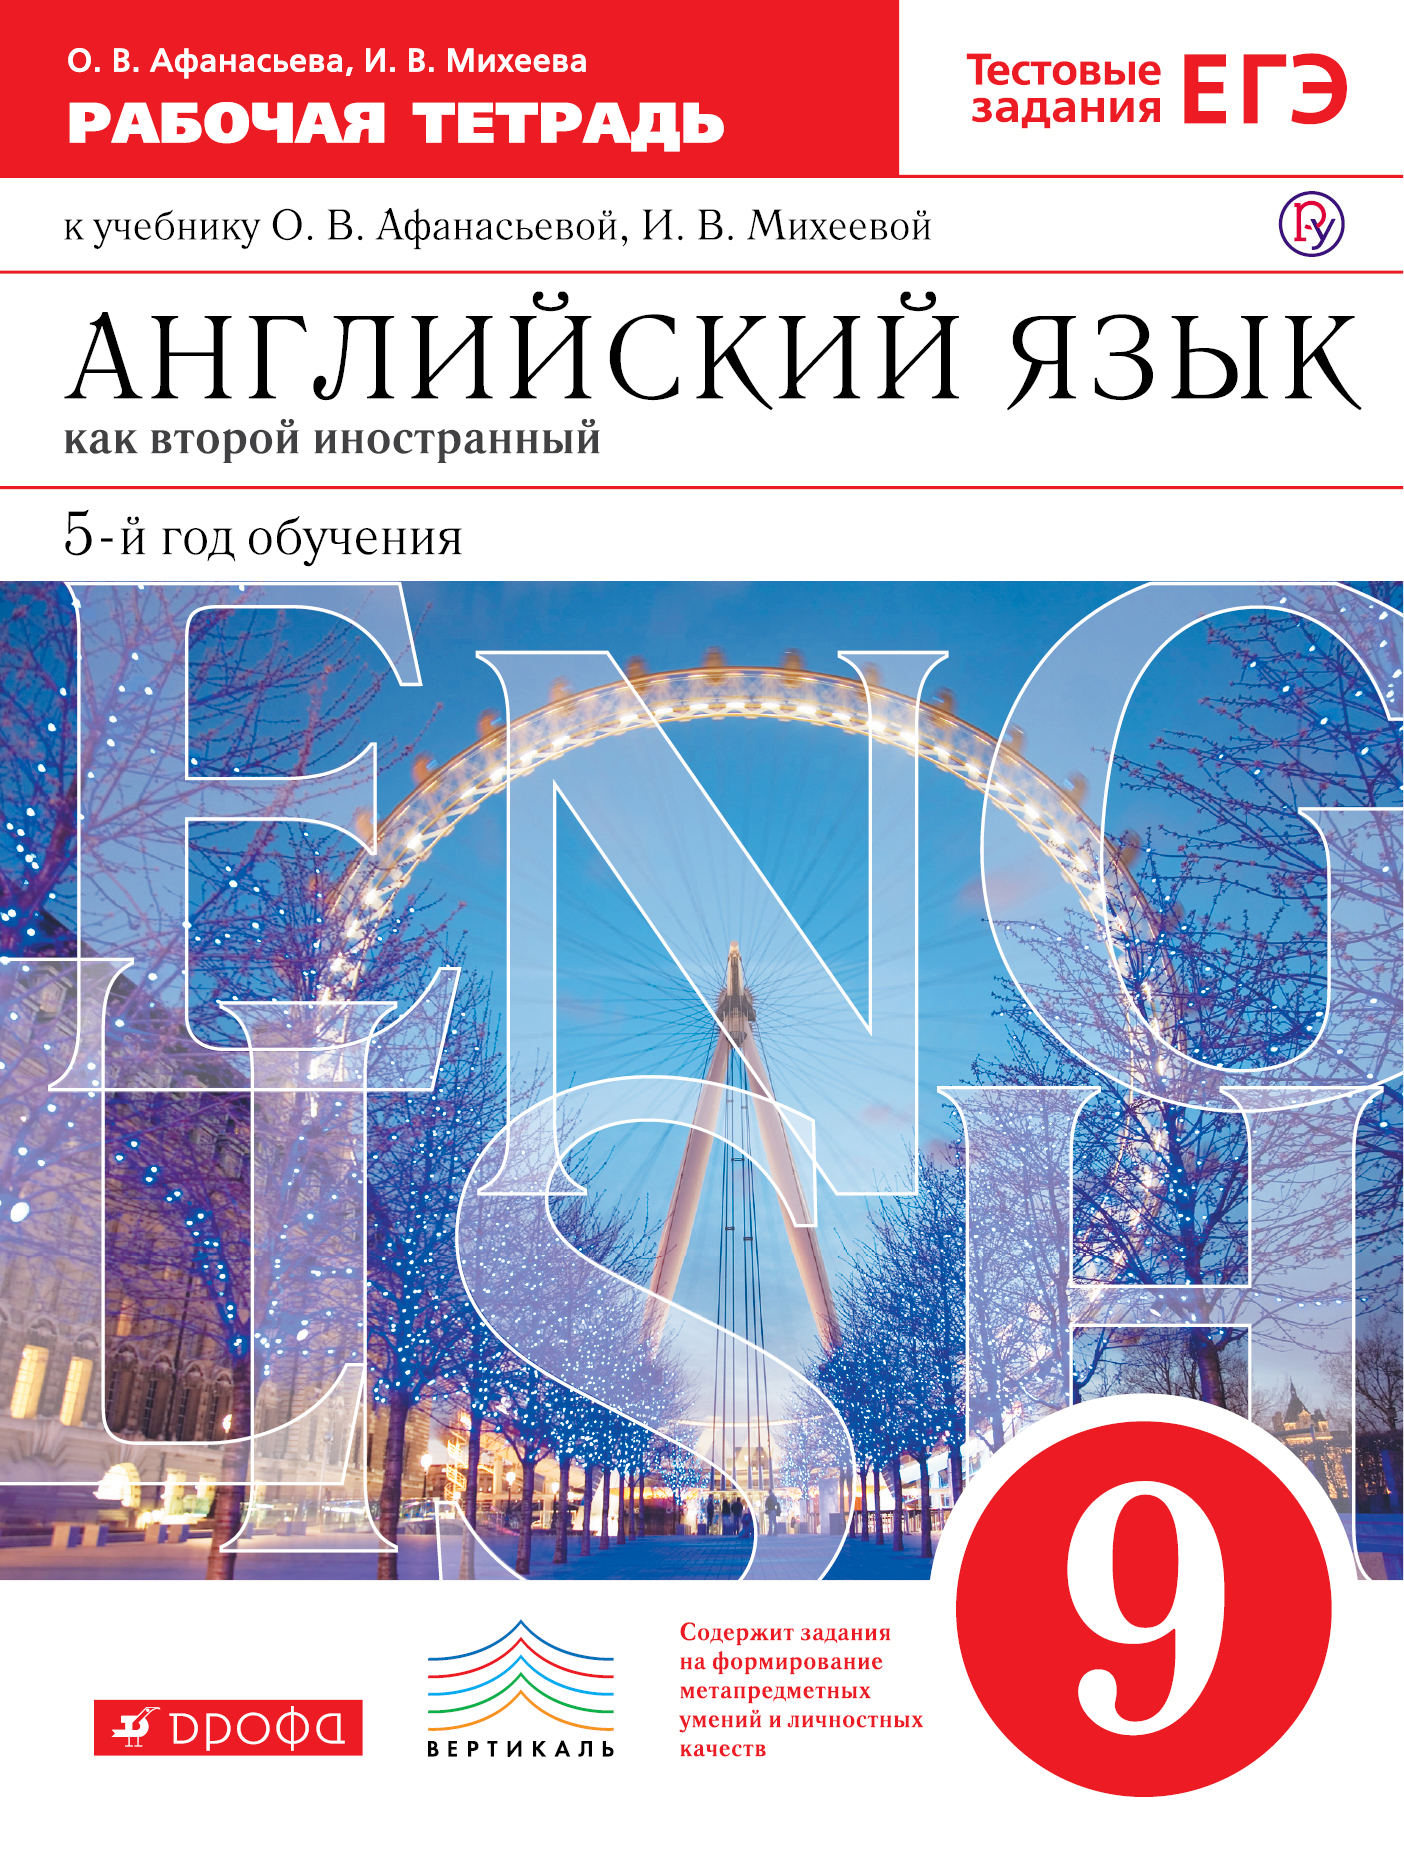 Английский язык 9 класс афанасьева михеева 5-й год обучения курс нового английского языка для российских школ